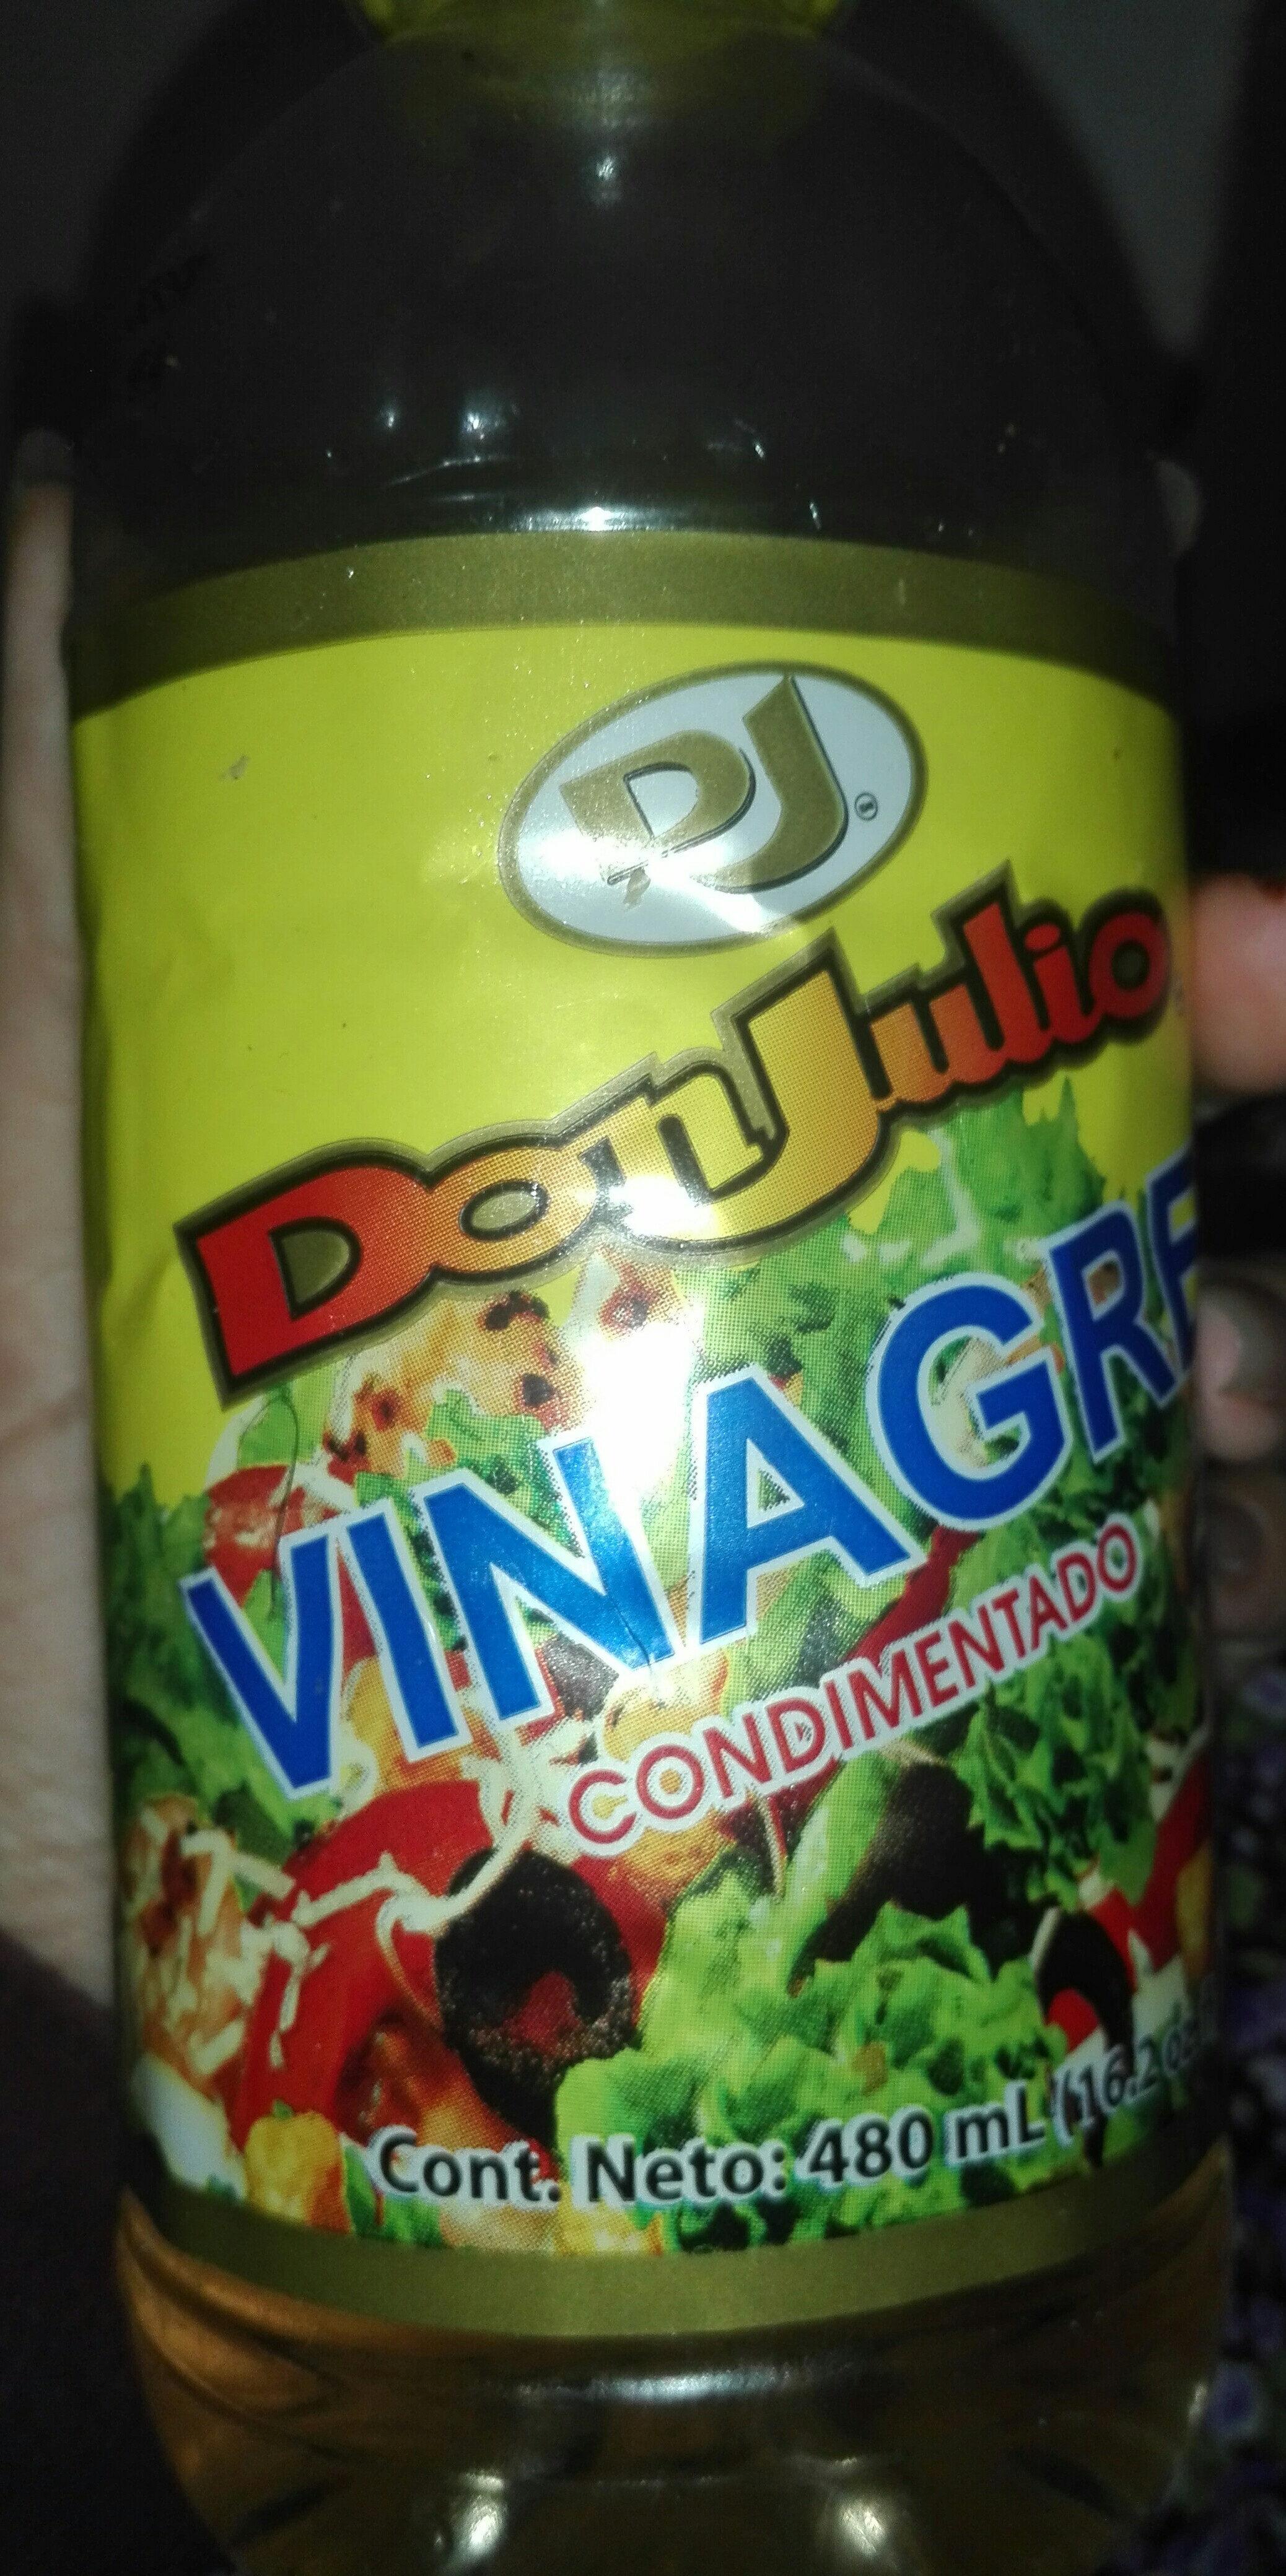 vinagre - Product - es